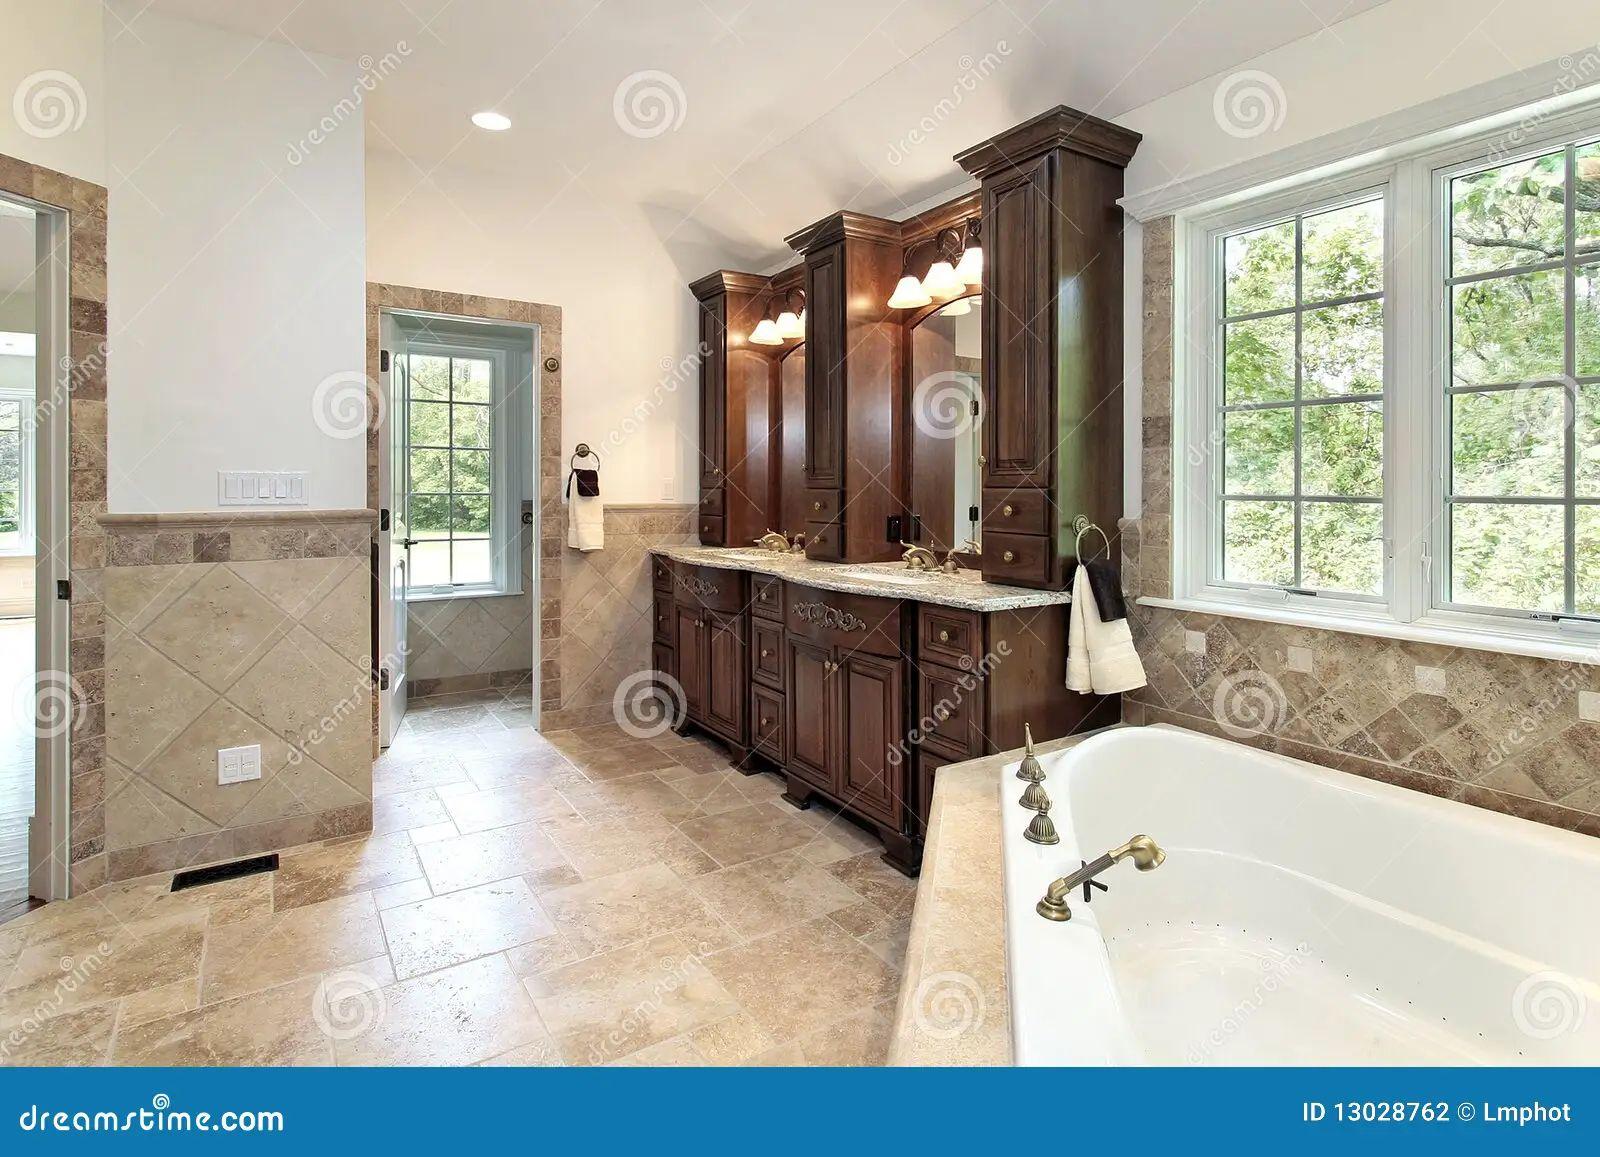 Prepossessing 90 master bathroom jacuzzi tub design for Master bathroom jacuzzi designs